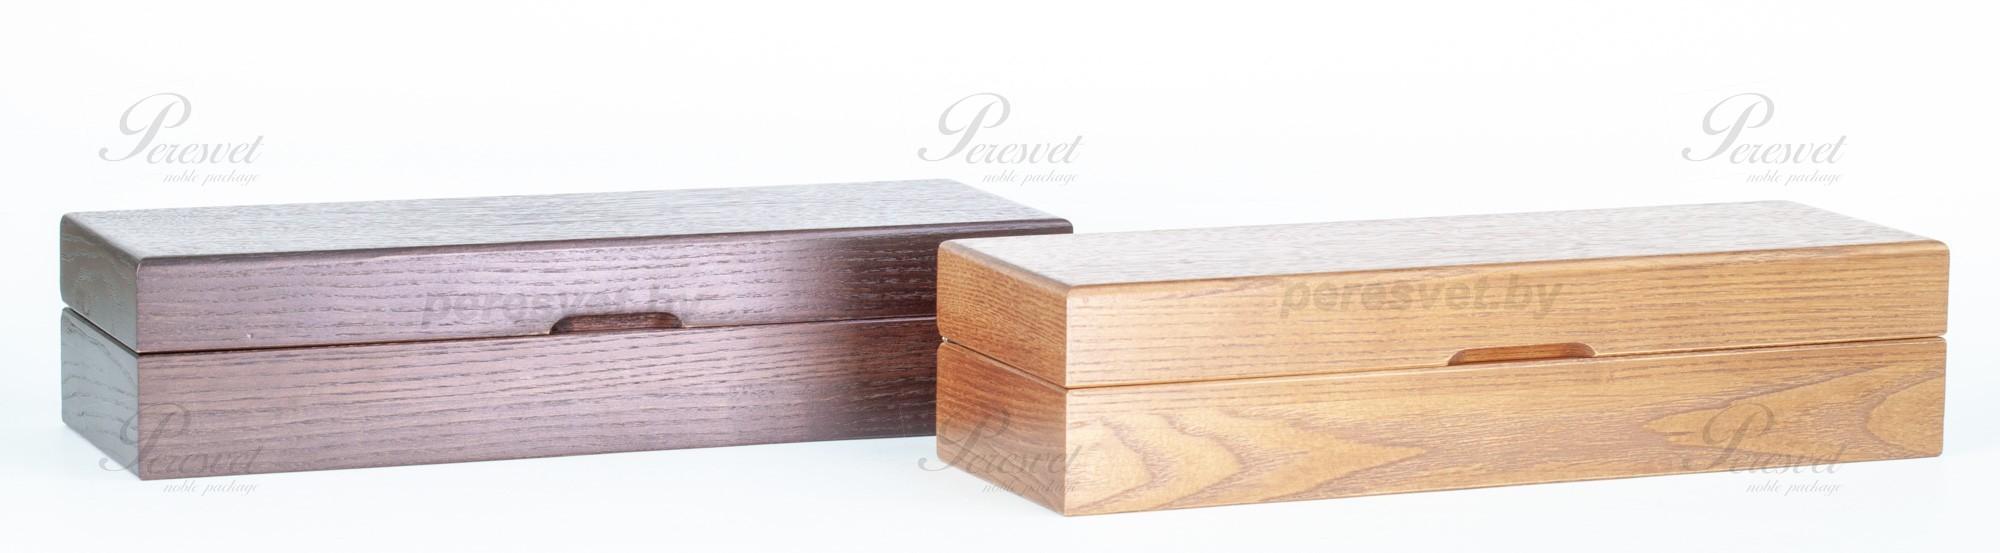 Элитная дубовая коробка для премиальных ножей венге на peresvet.by